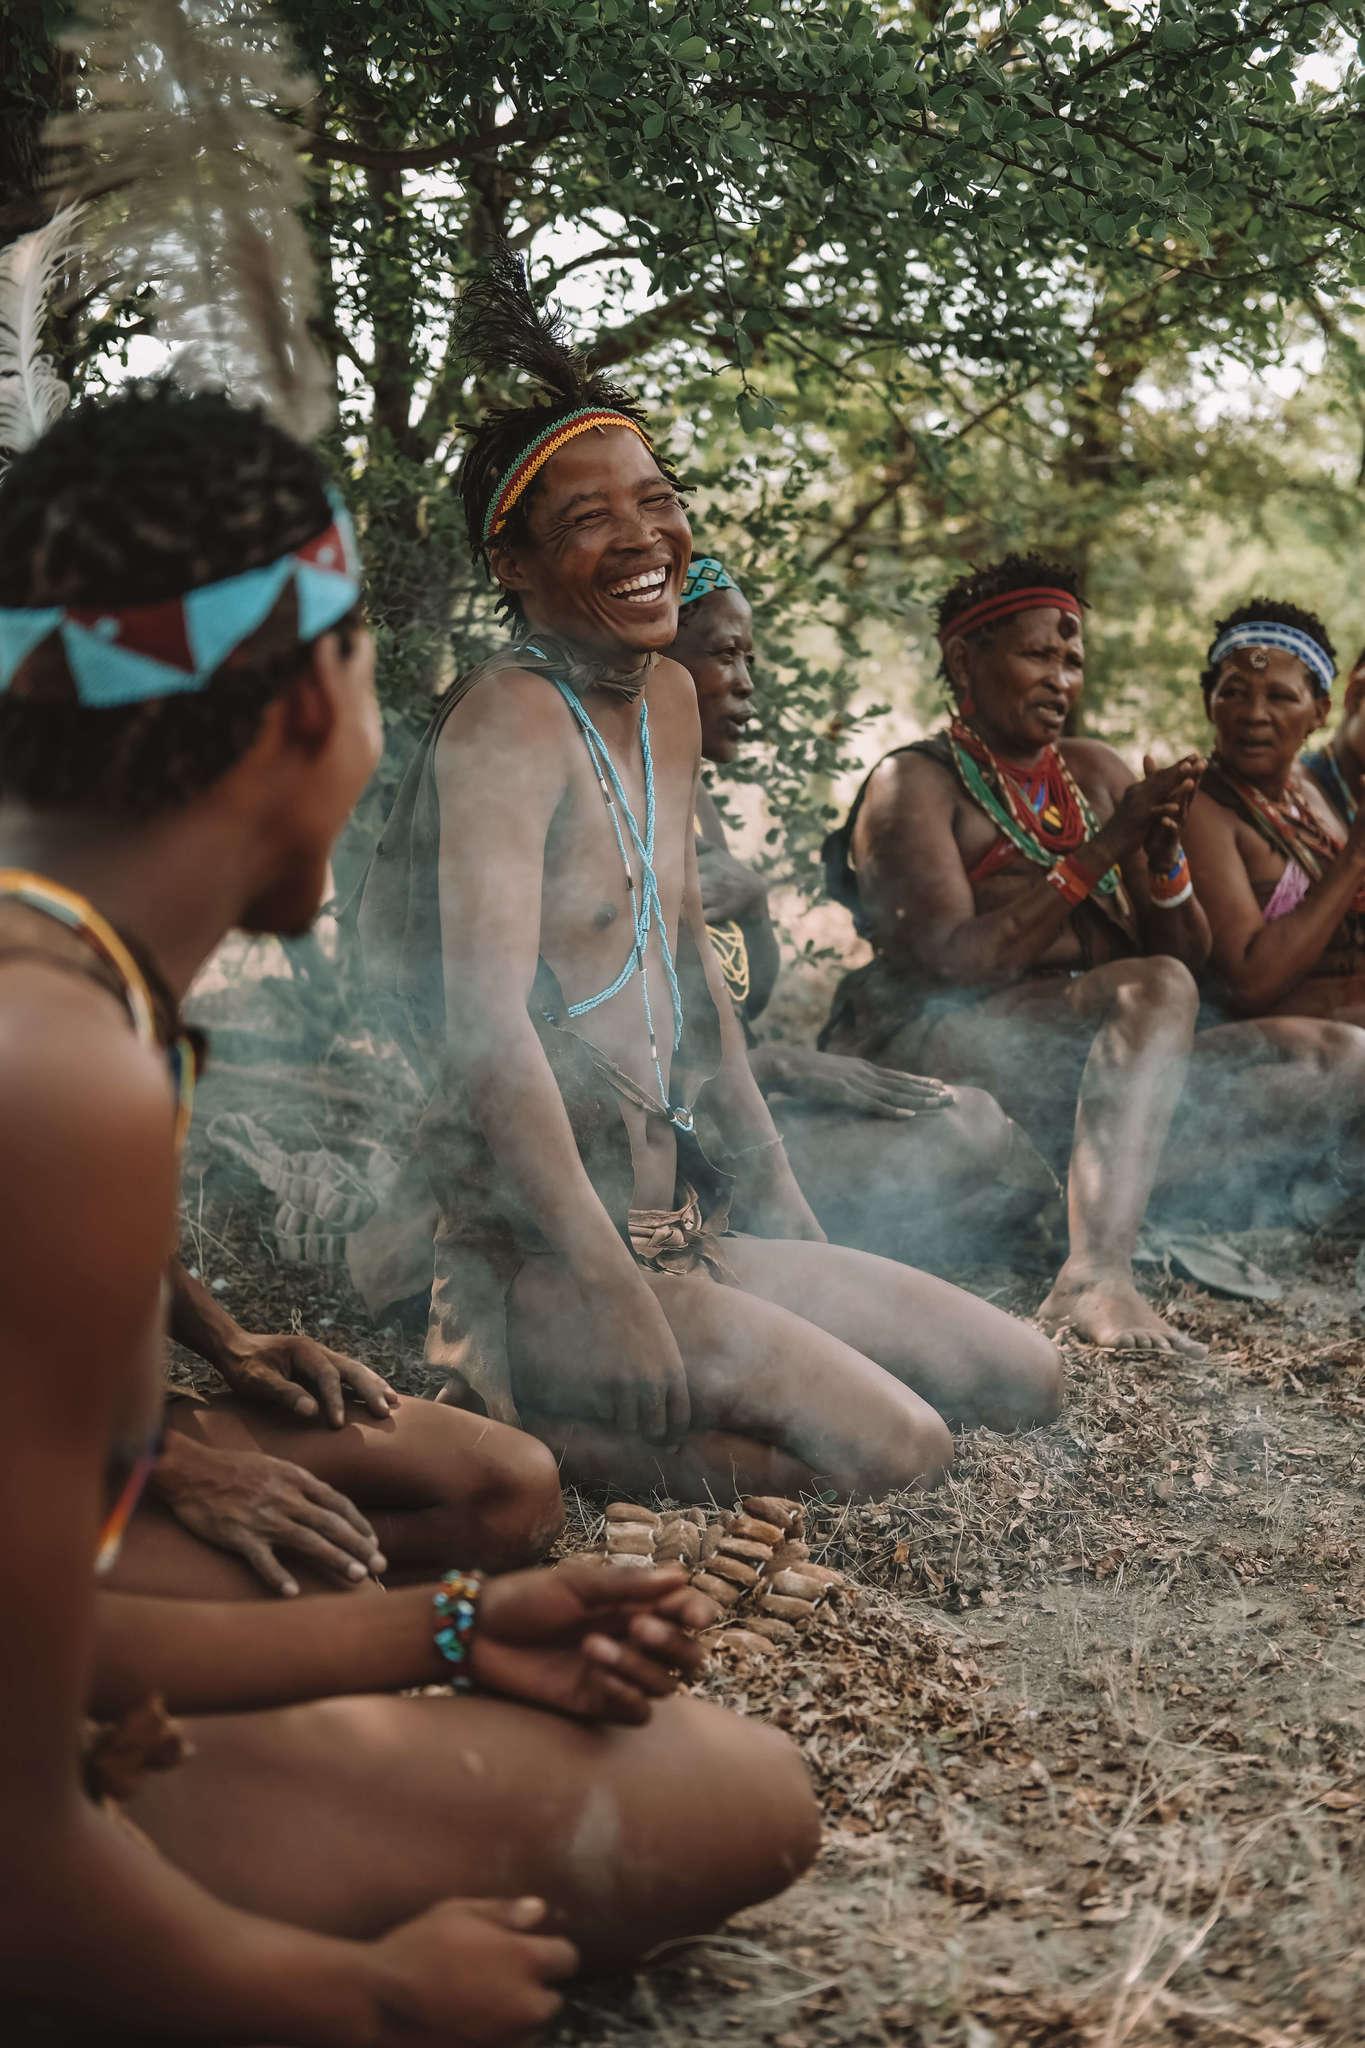 Men in Botswana